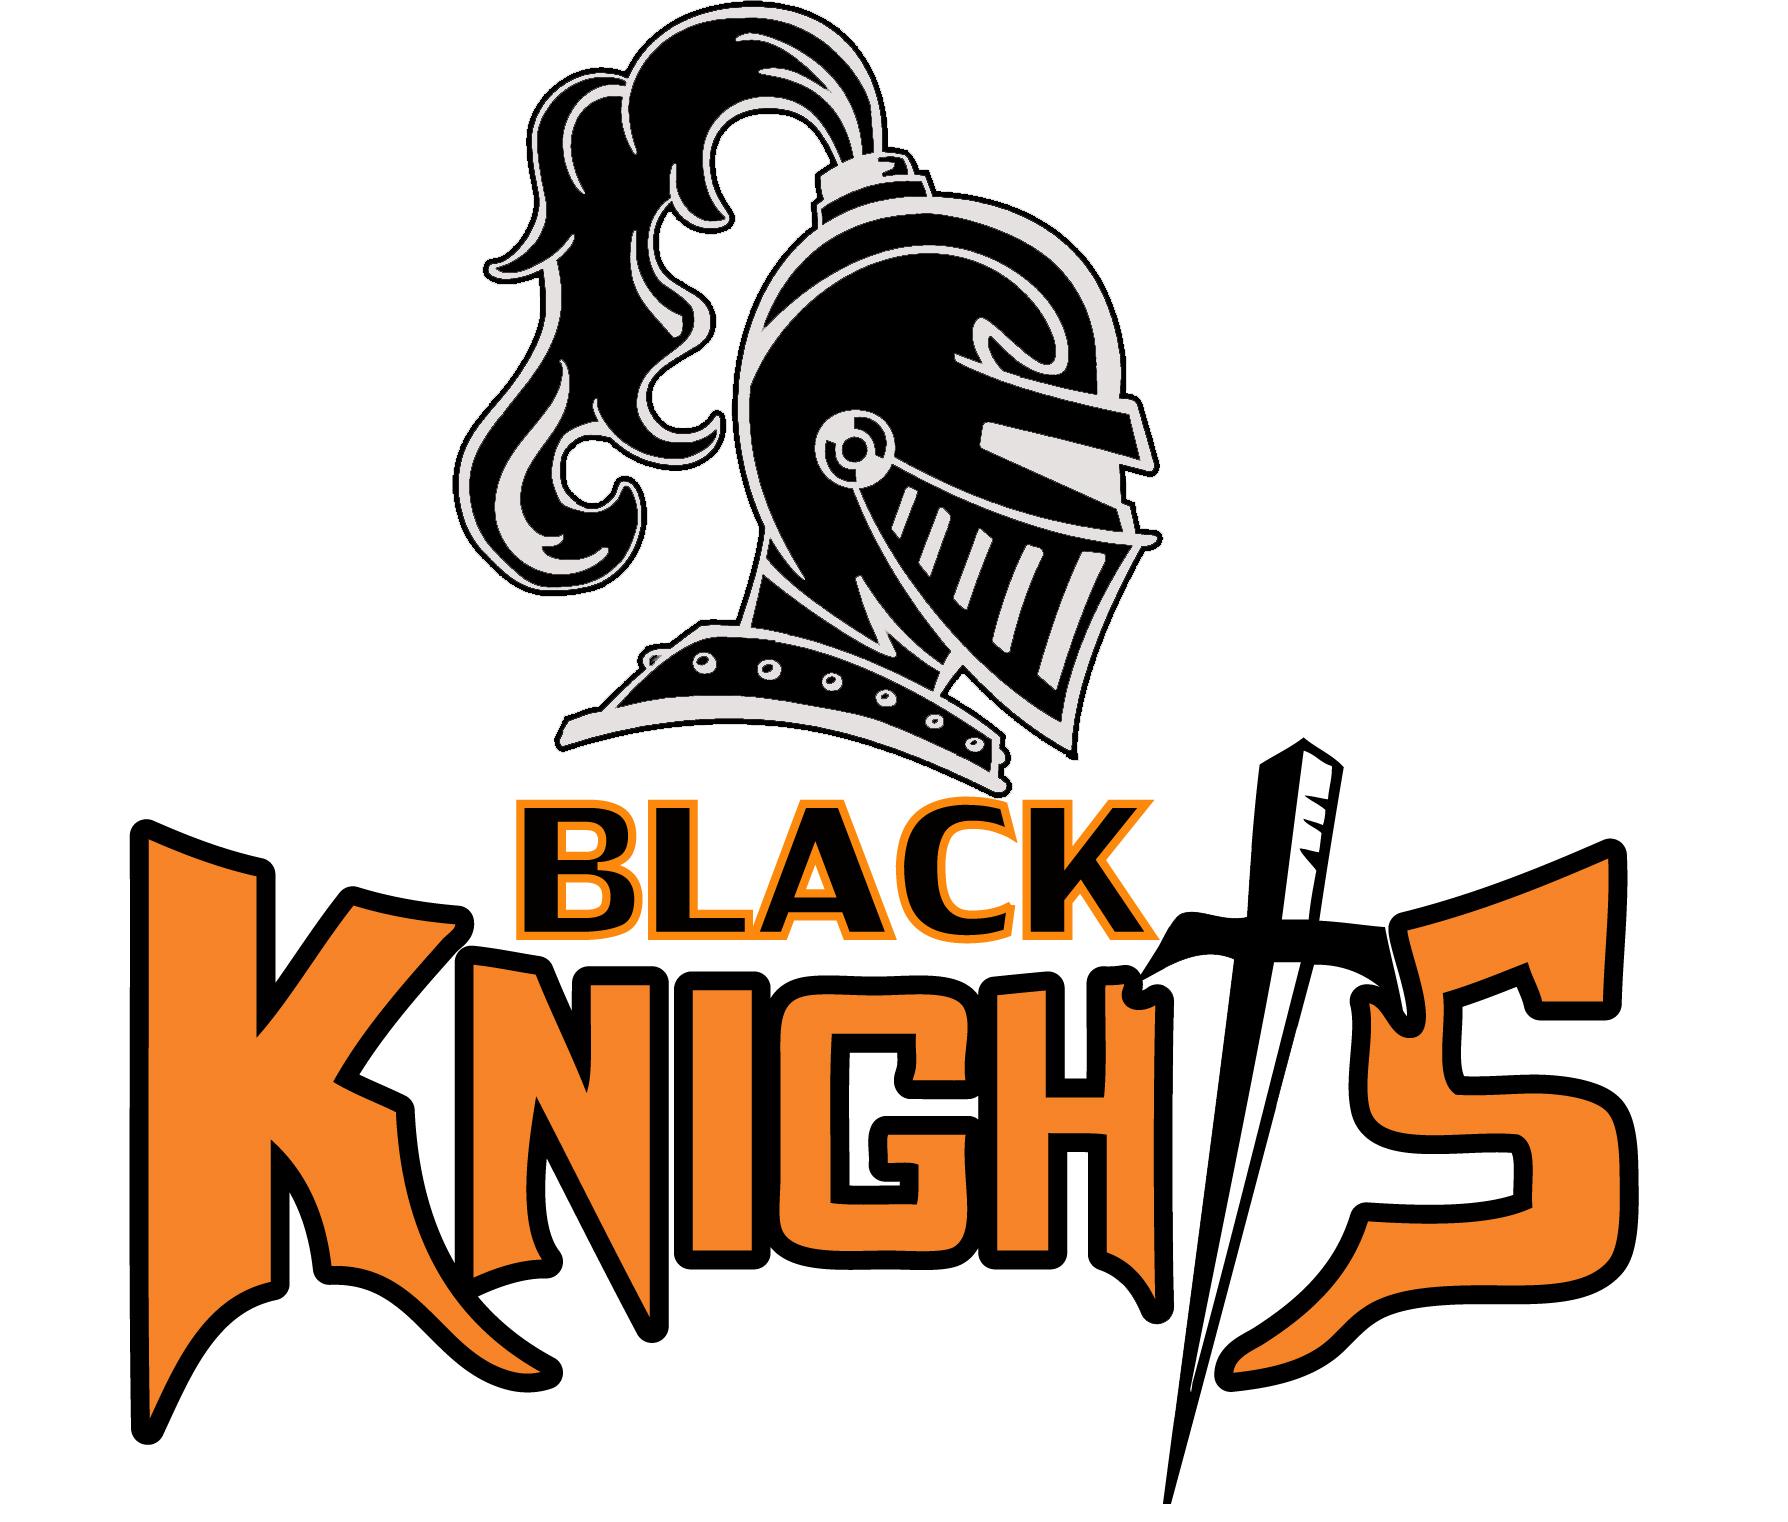 Black knight Logos.